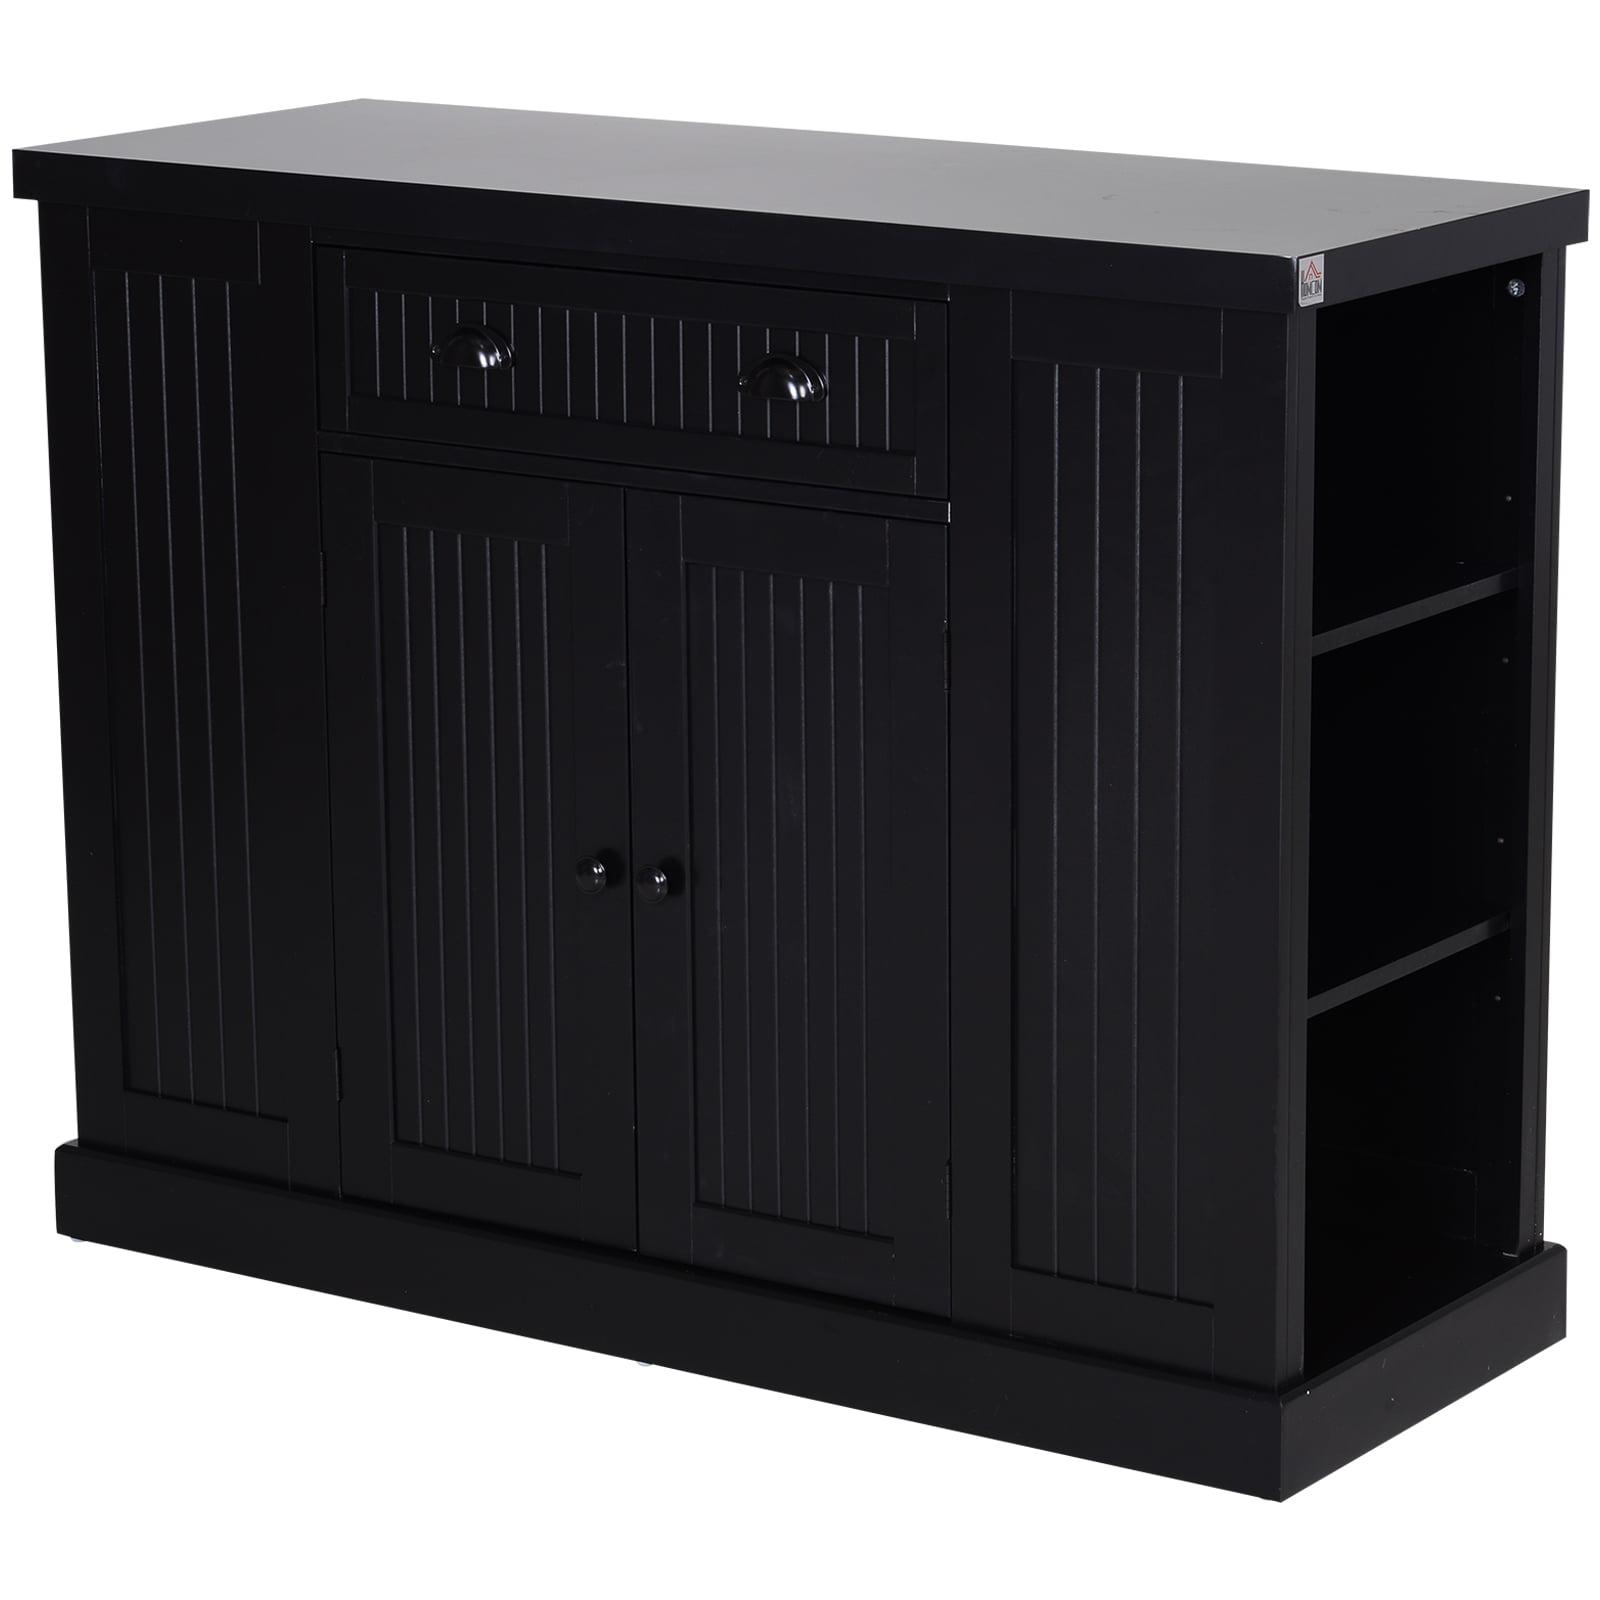 HOMCOM Fluted-Style Wooden Kitchen Island Storage Cabinet ...